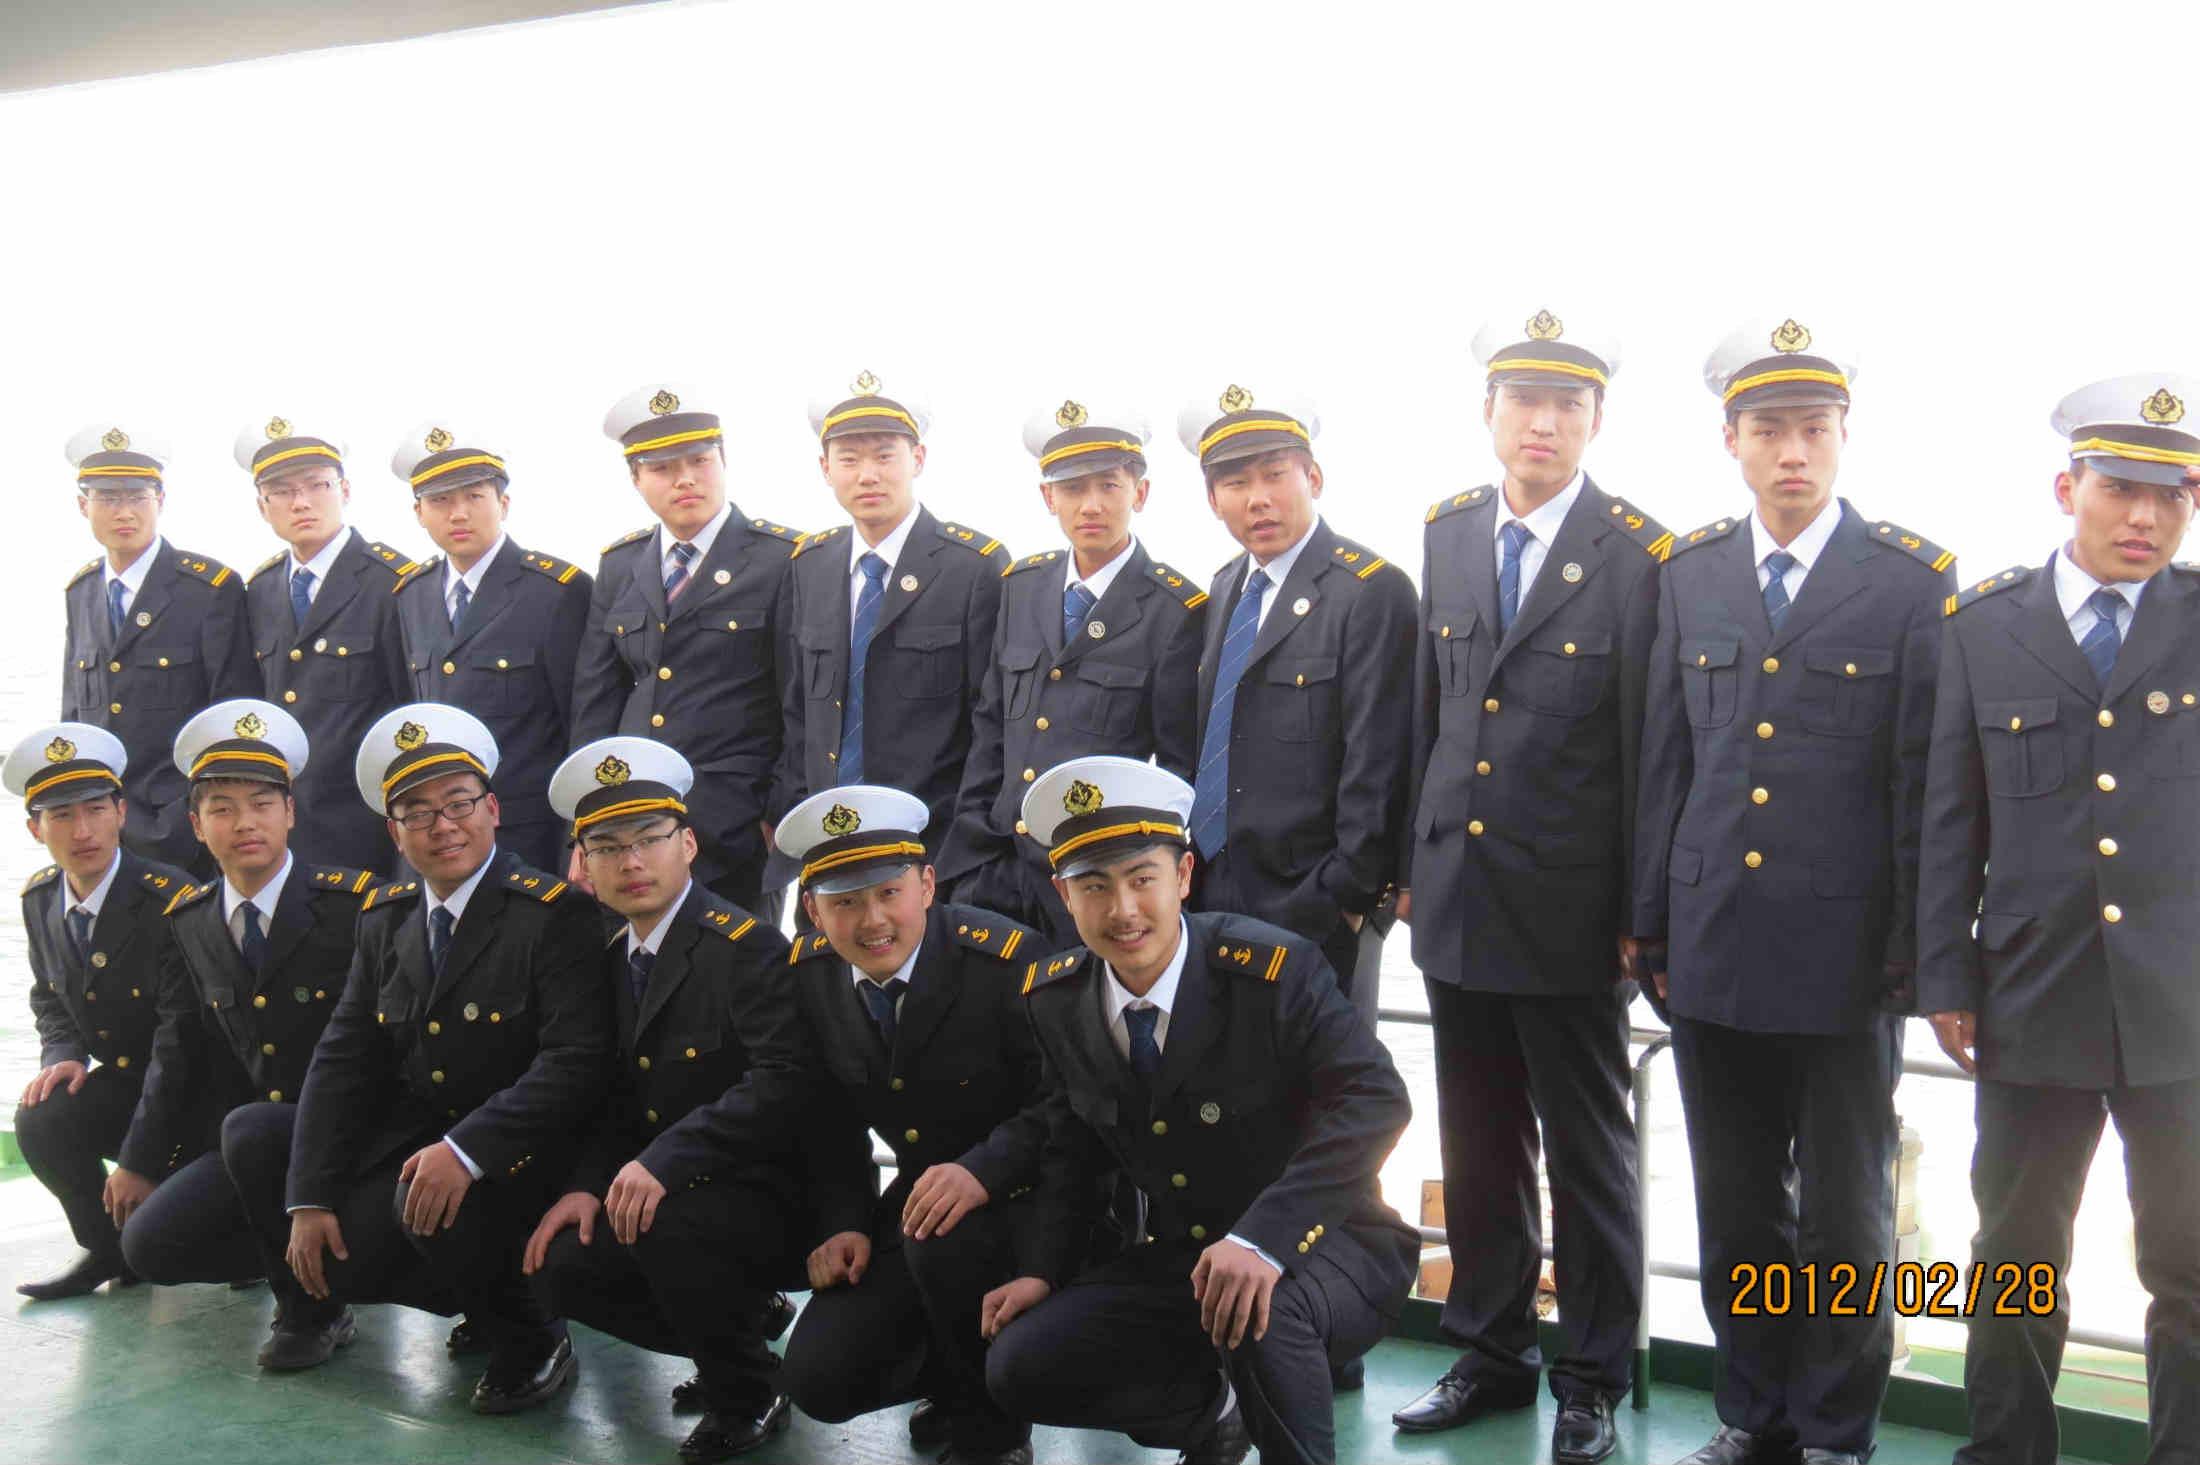 青岛航空职业技术学校--青岛航空海员图片